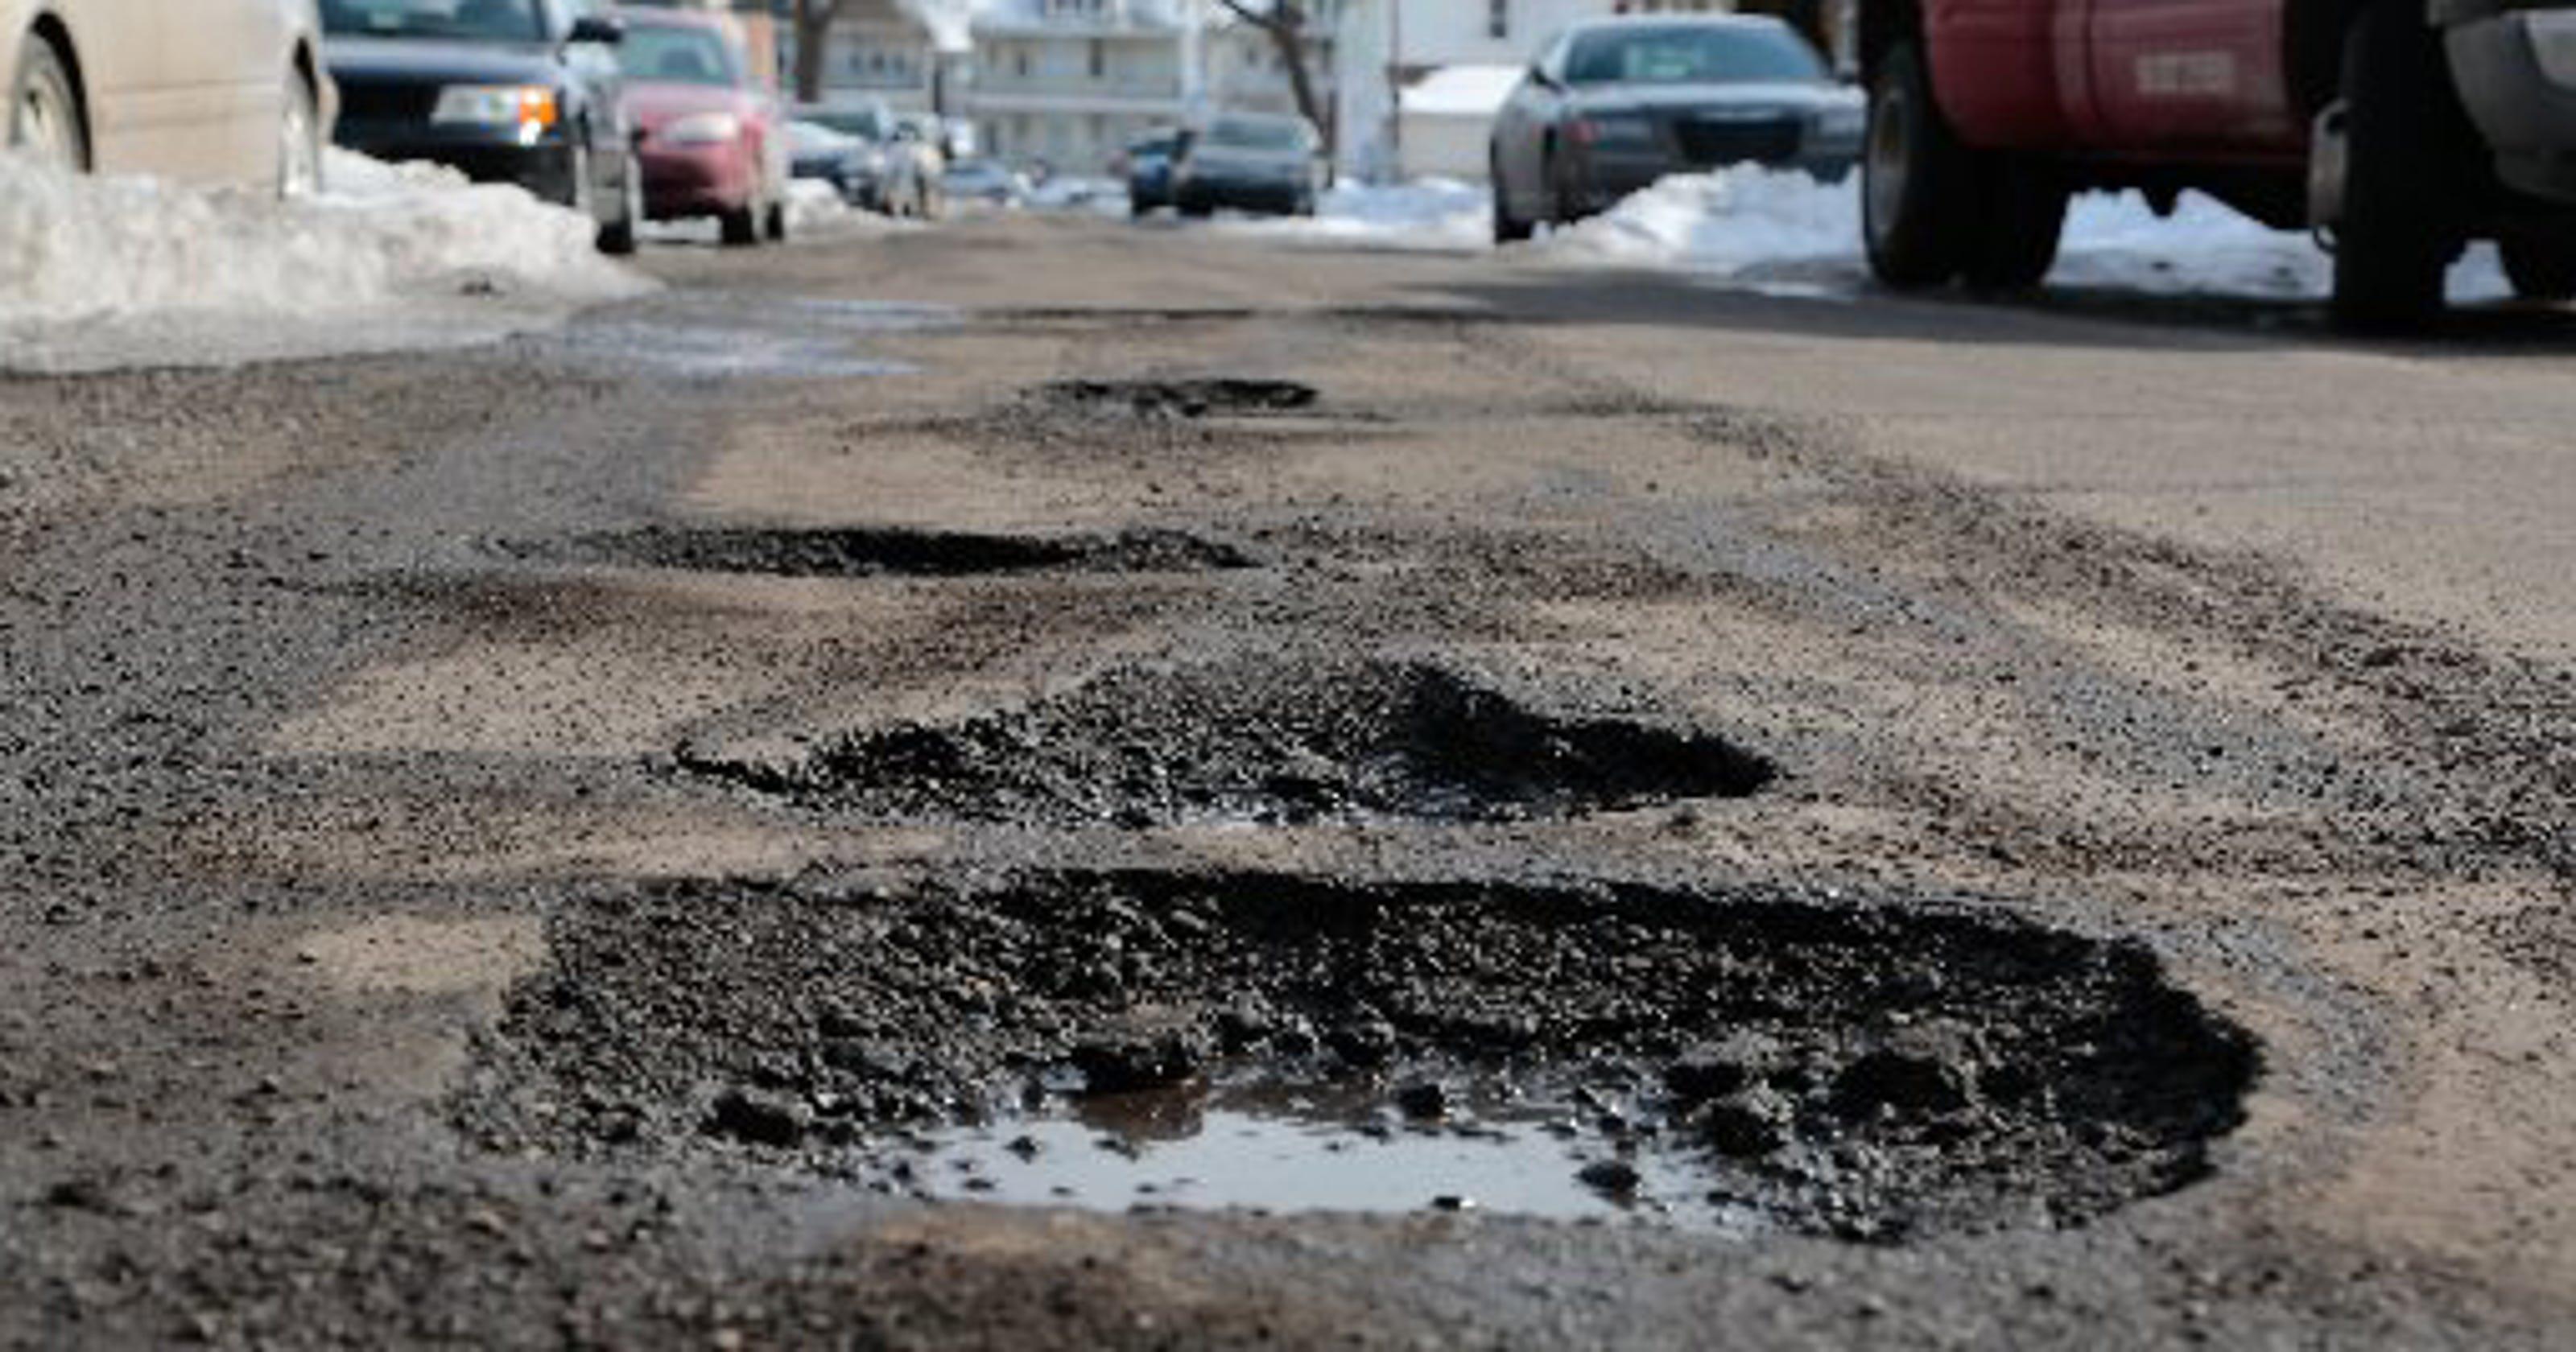 Michigan voters reject road tax plan